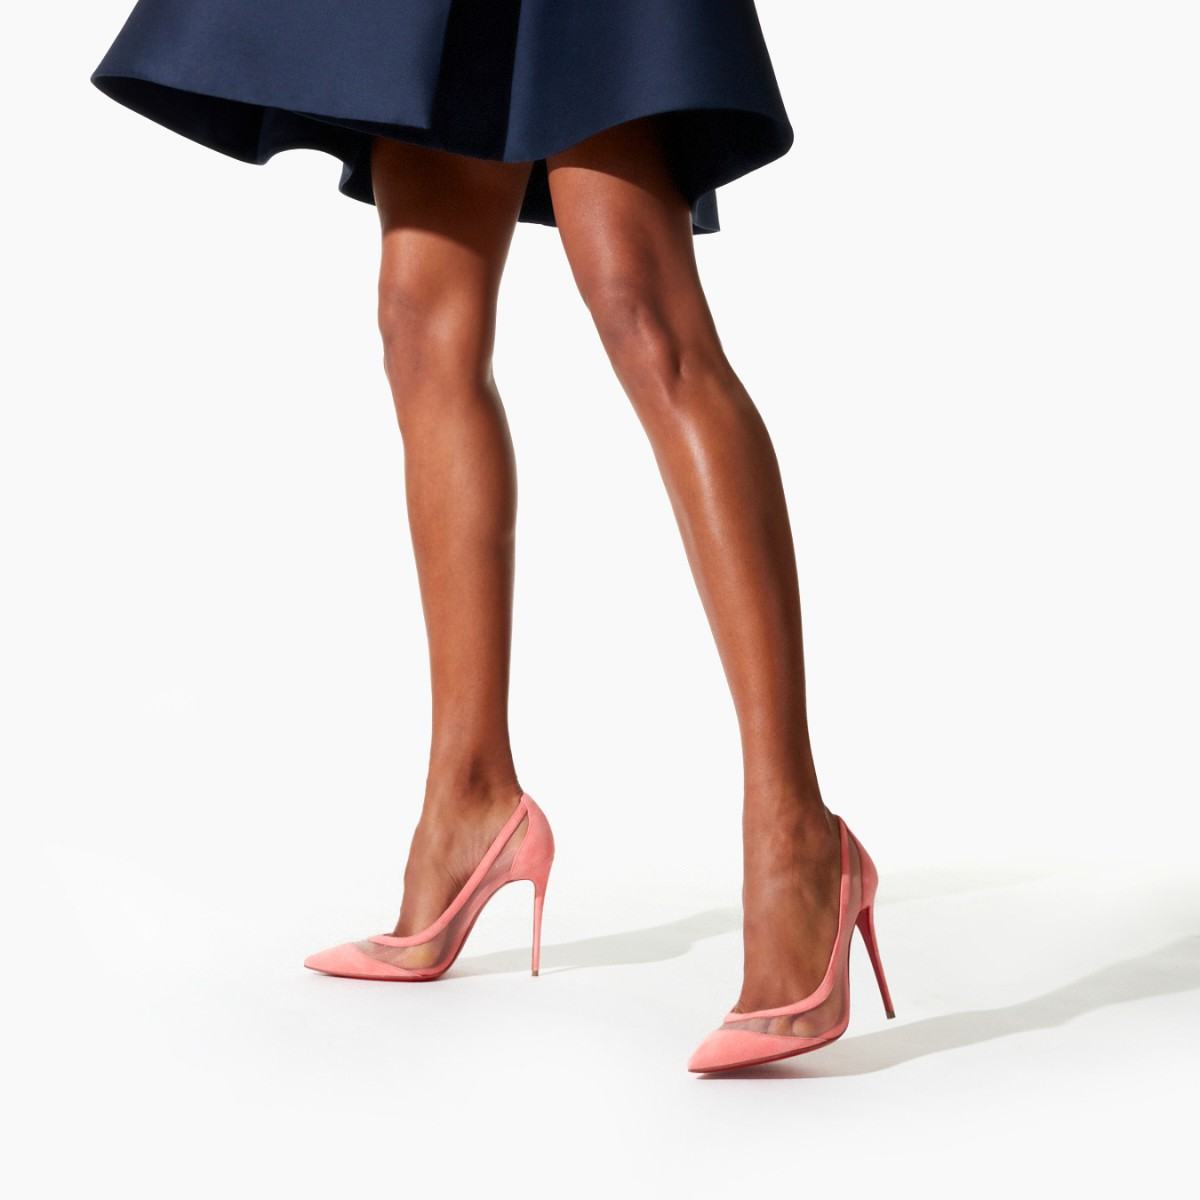 Shoes - Galativi - Christian Louboutin